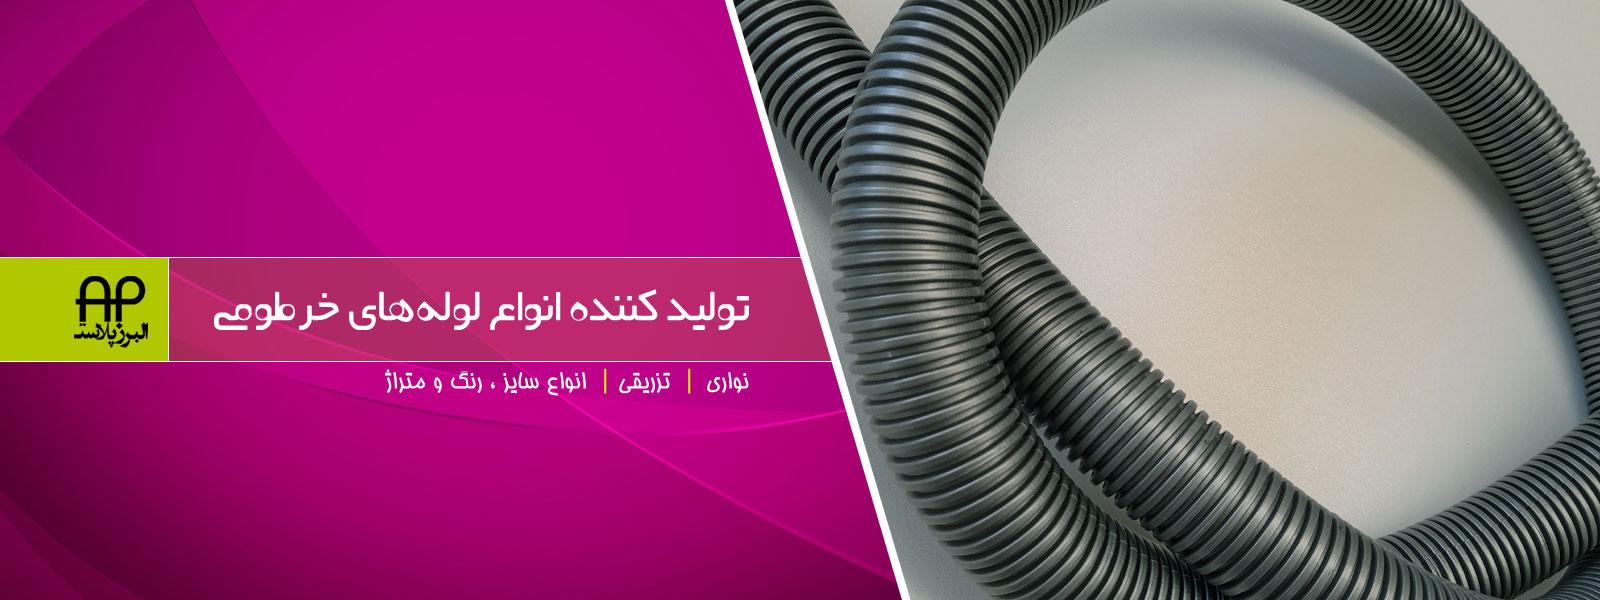 تولید کننده انواع لوله های خرطومی در ایران